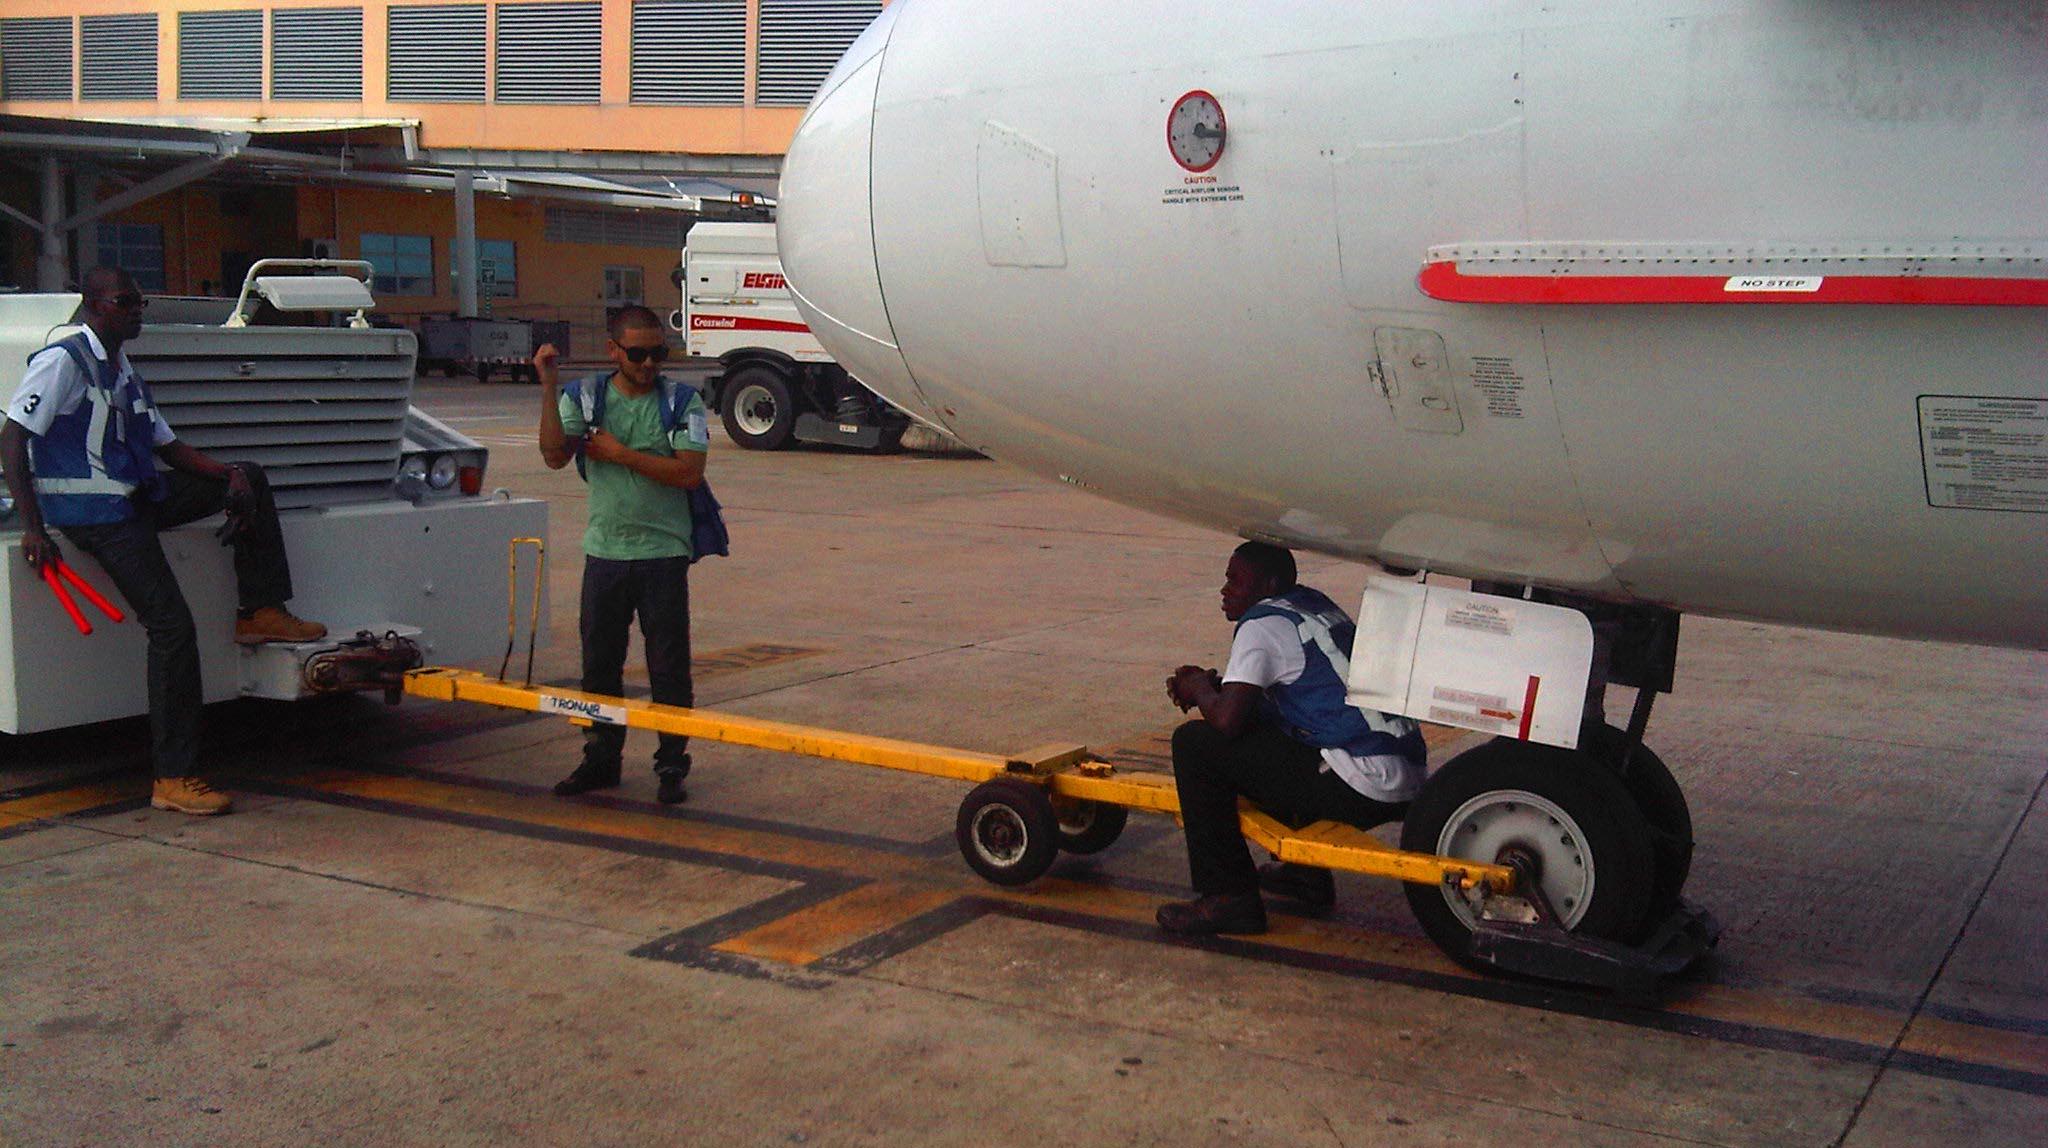 Insel huurt vliegtuigen uit verschillende landen